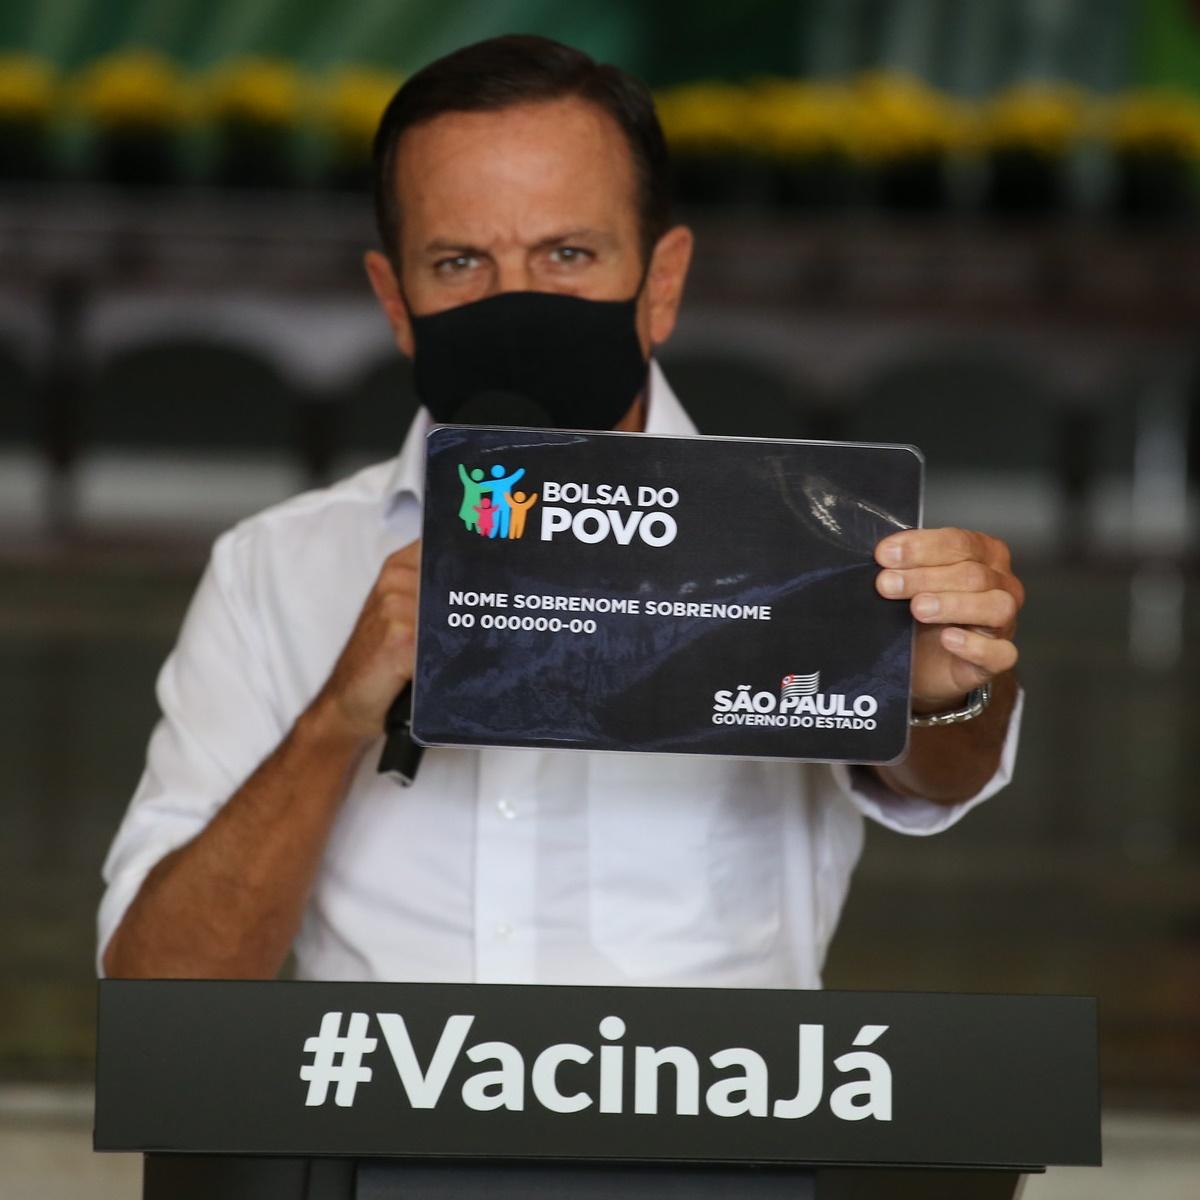 Governador João Dória unifica programas sociais e cria o Bolsa do Povo